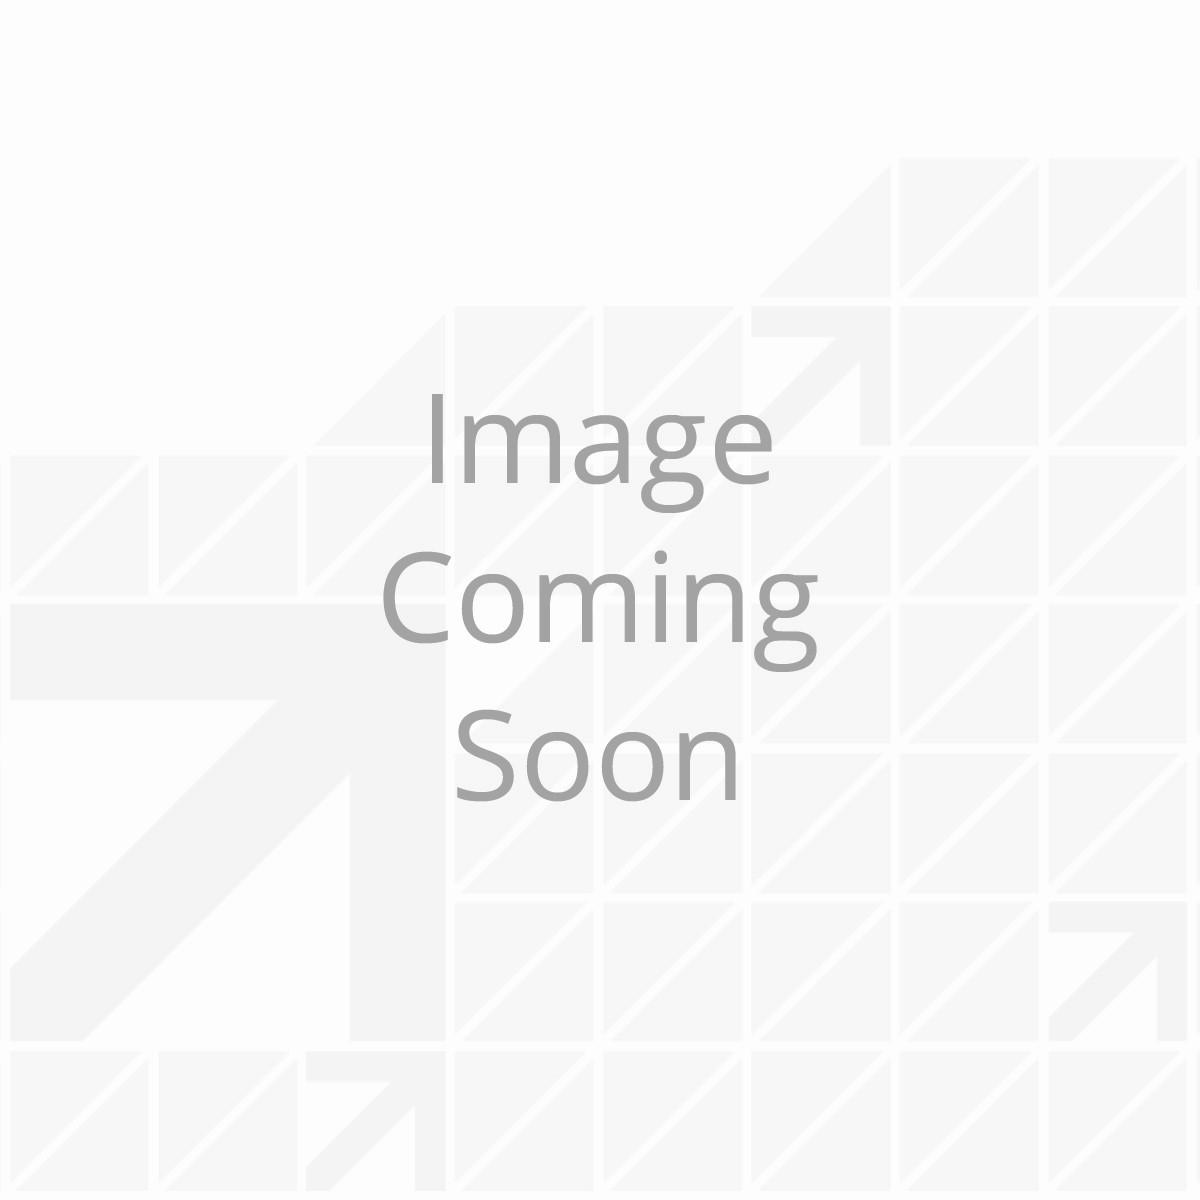 Baggage Door Hinge - Small 4 X 3.08 X 1.380